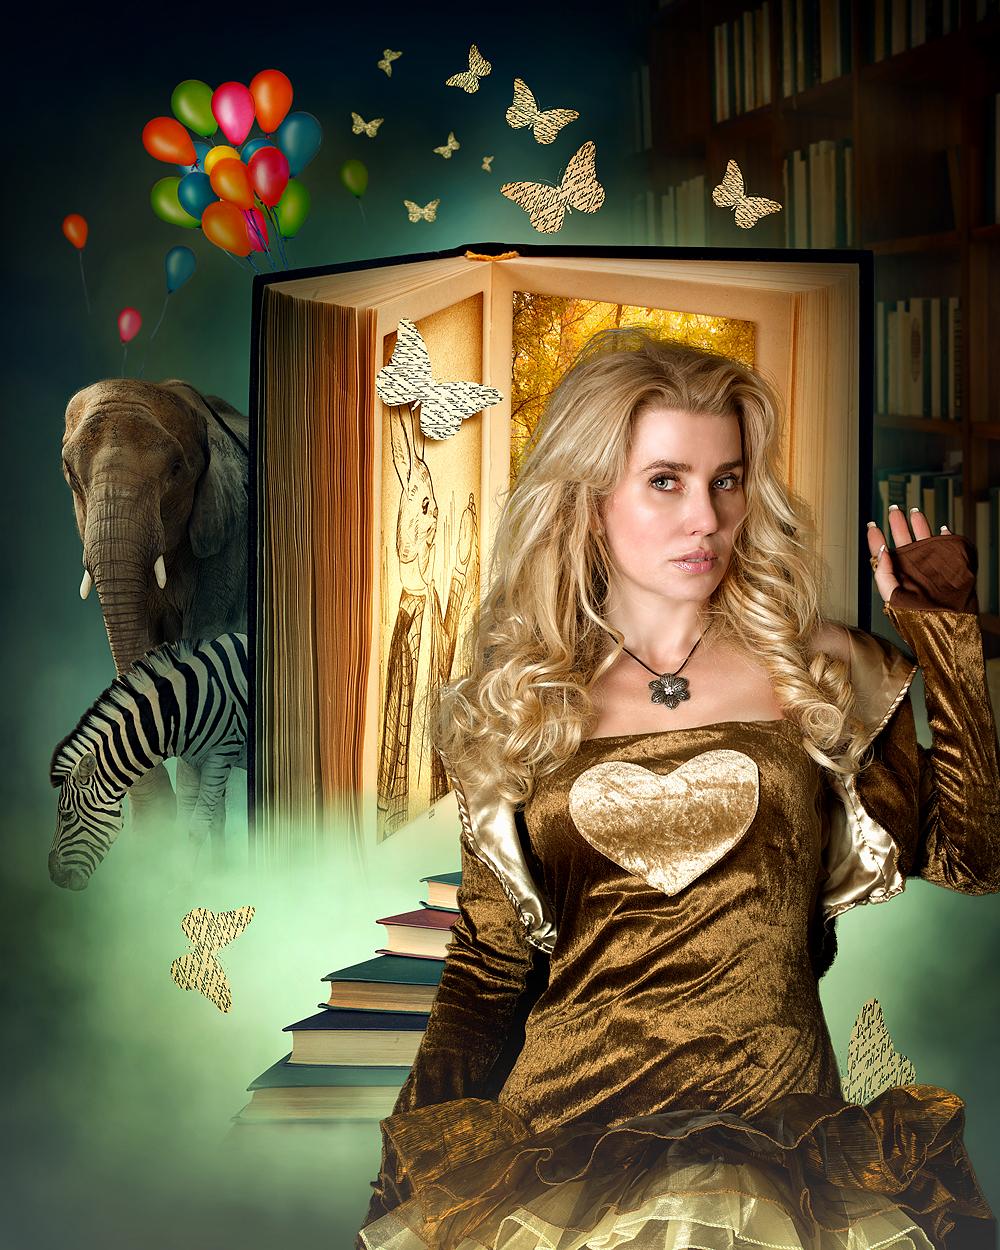 Fantasier och underbara drömmar